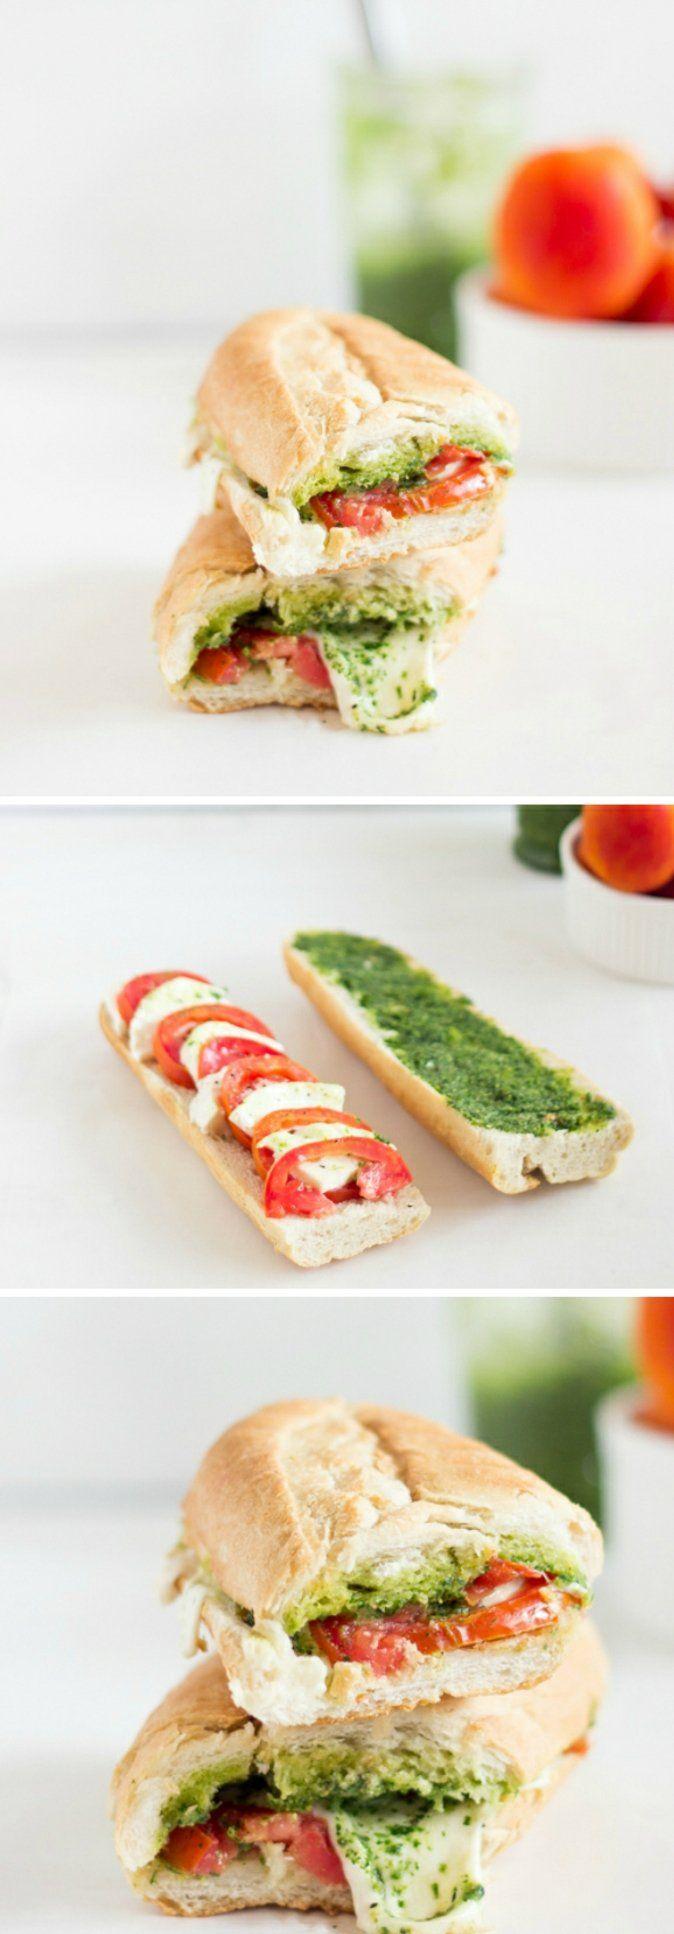 sandwich-caprese-avec-tomates-mozarella-et-pesto-idée-de-recette-pique-nique-rapide-avec-fromage-et-légumes